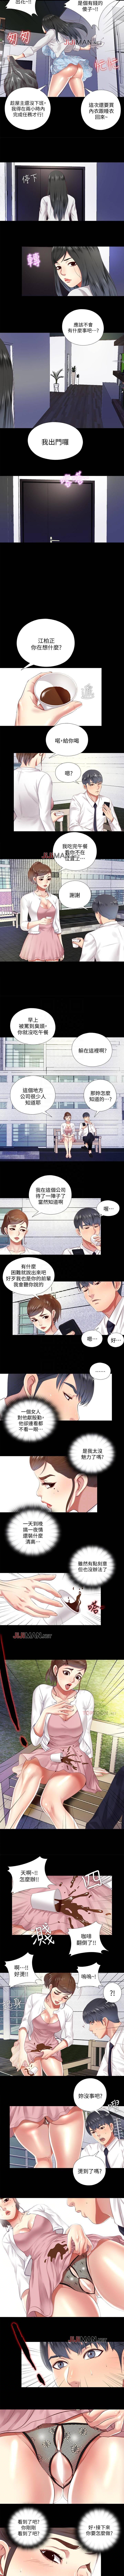 【已完结】同居捉迷藏(作者:林巨星) 第1~30话 37